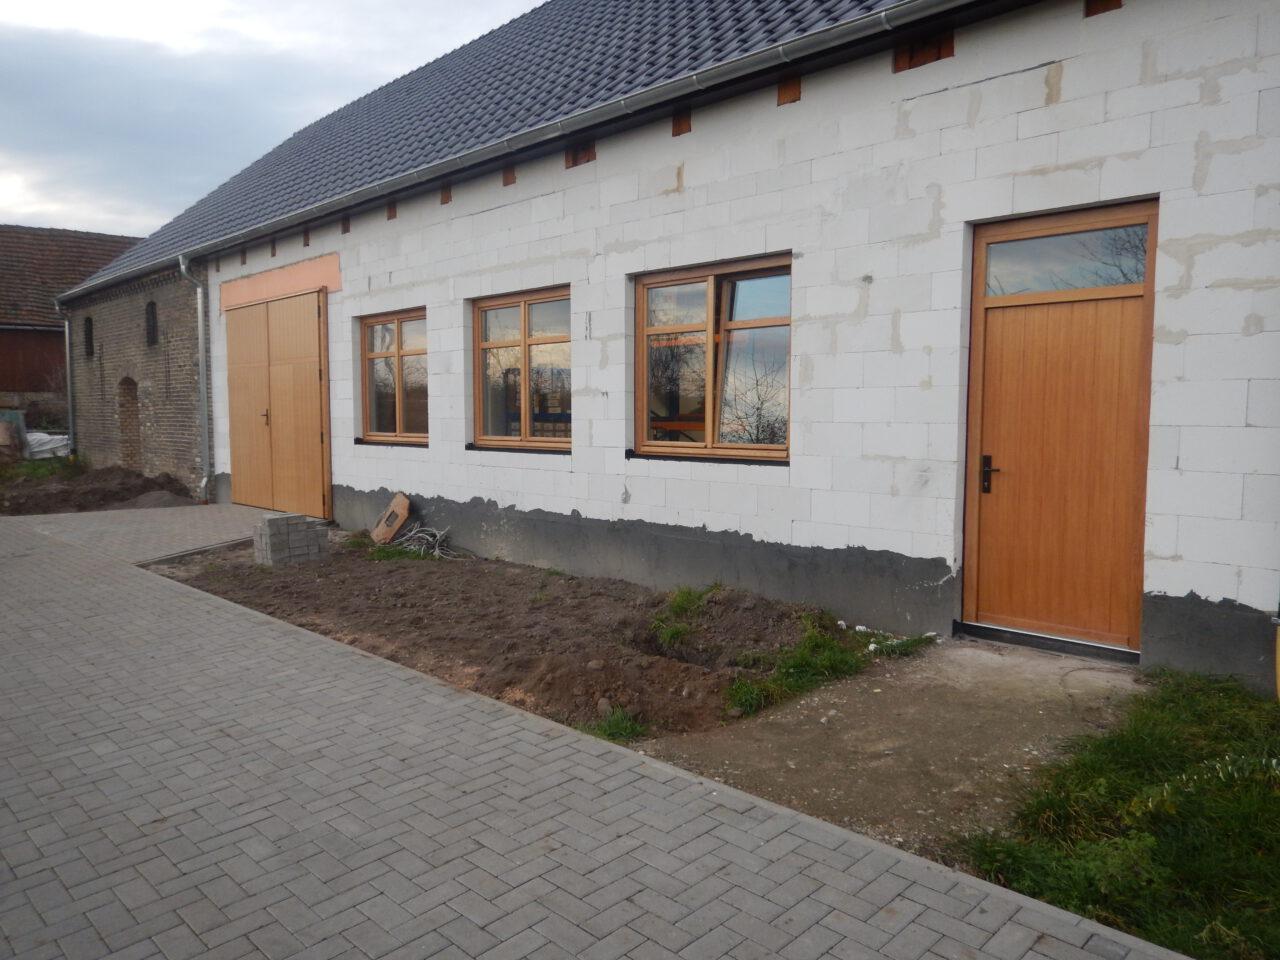 Drzwi bram i okna drewniane dąb 658